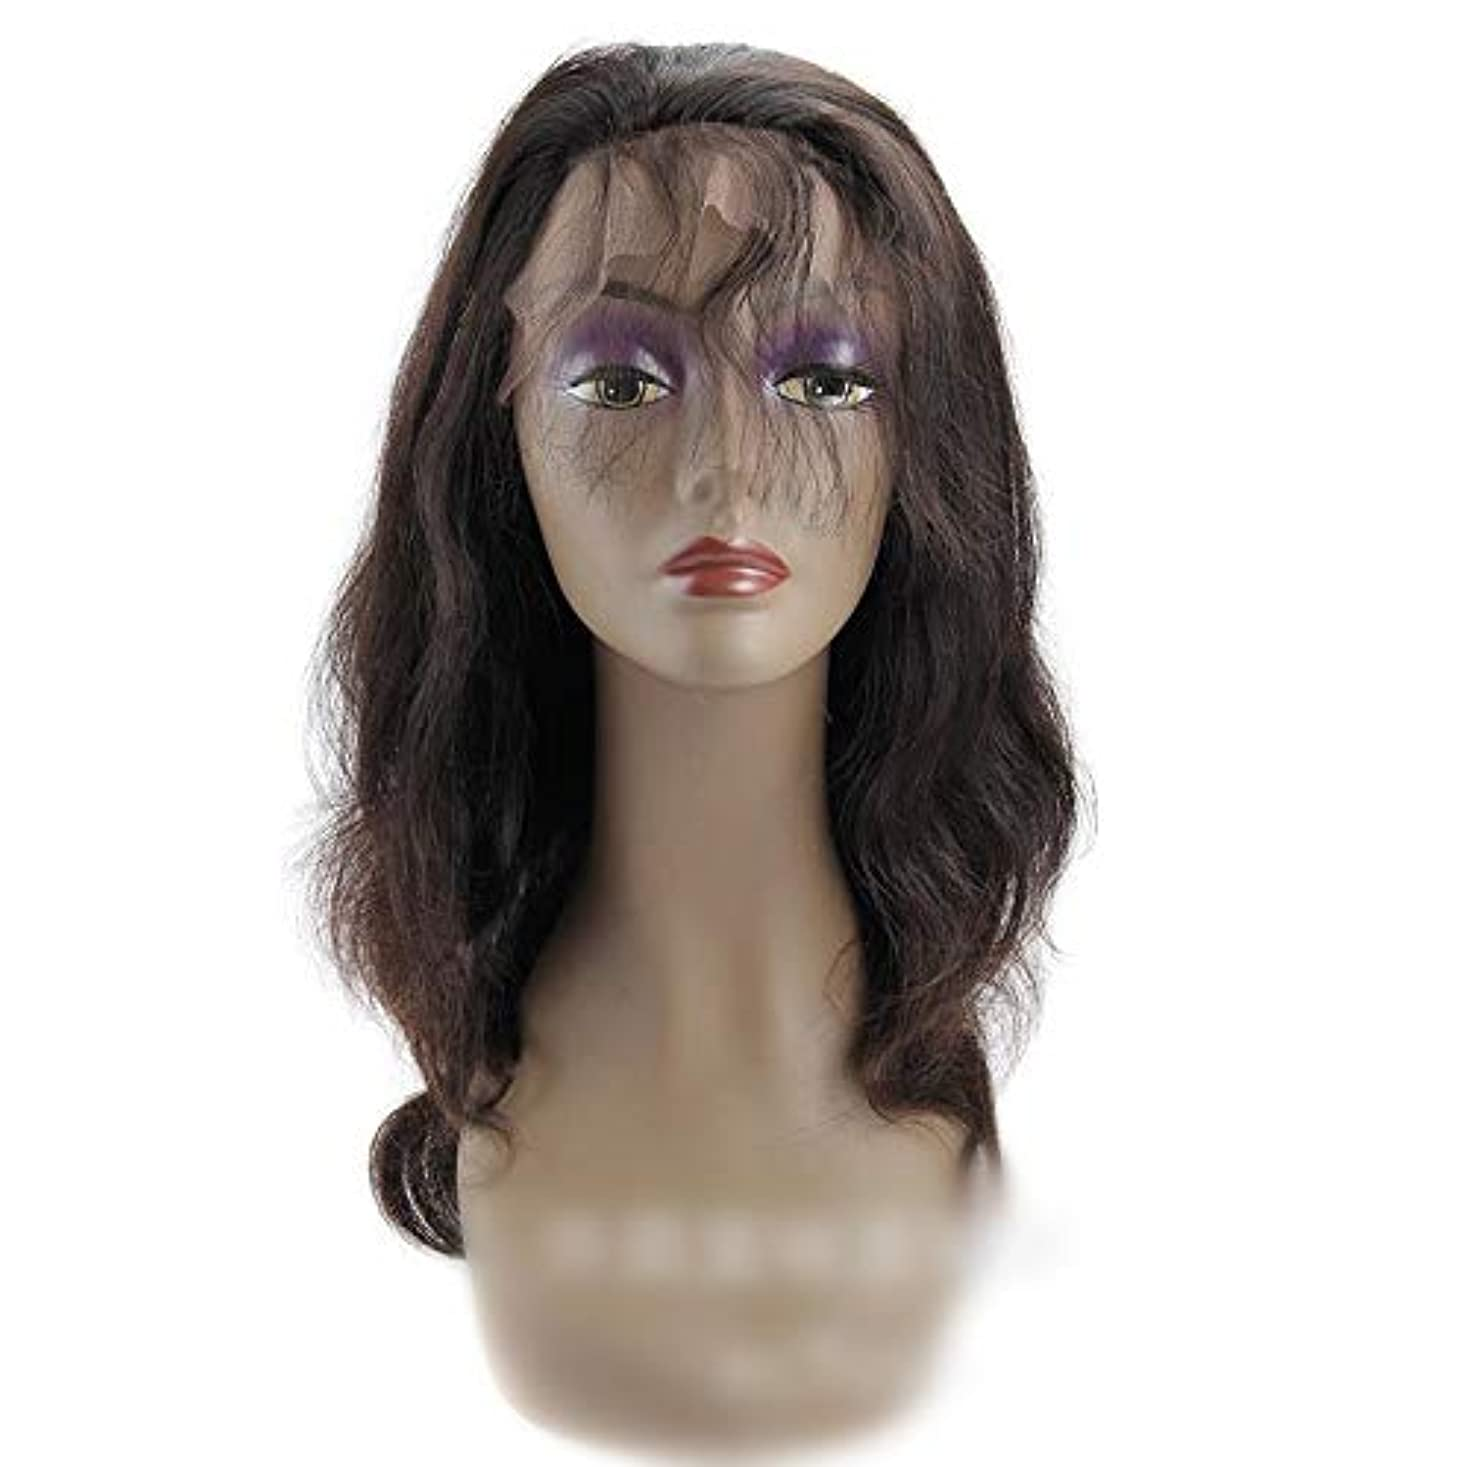 神決定トイレWASAIO 360個のレースの前頭かつらヘアエクステンションクリップ女性のためのUnseamed髪型ブラジルのバージンボディウェーブ人間ウィッグ (色 : 黒, サイズ : 10 inch)